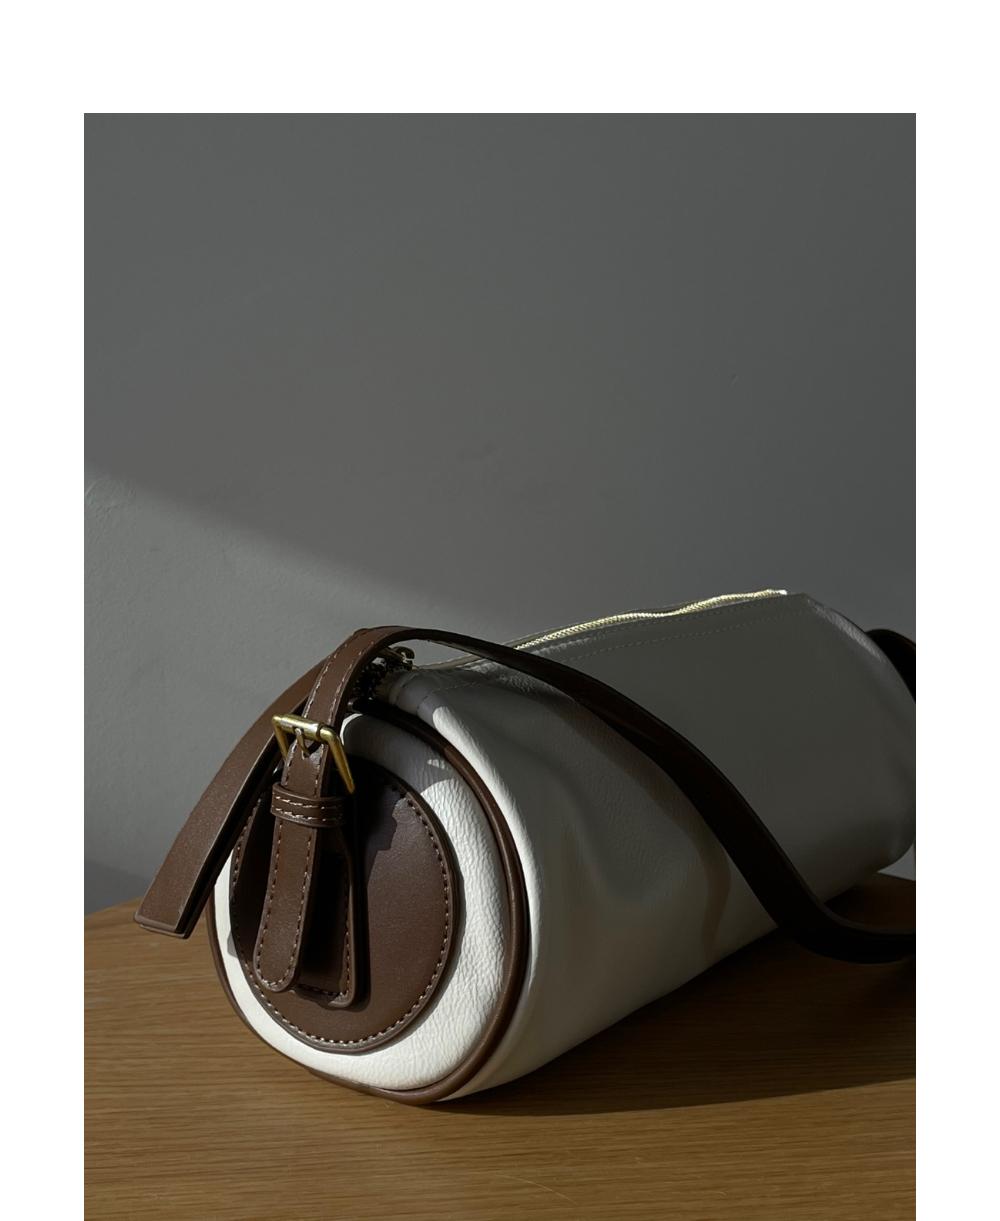 가방 모델 착용 이미지-S1L4